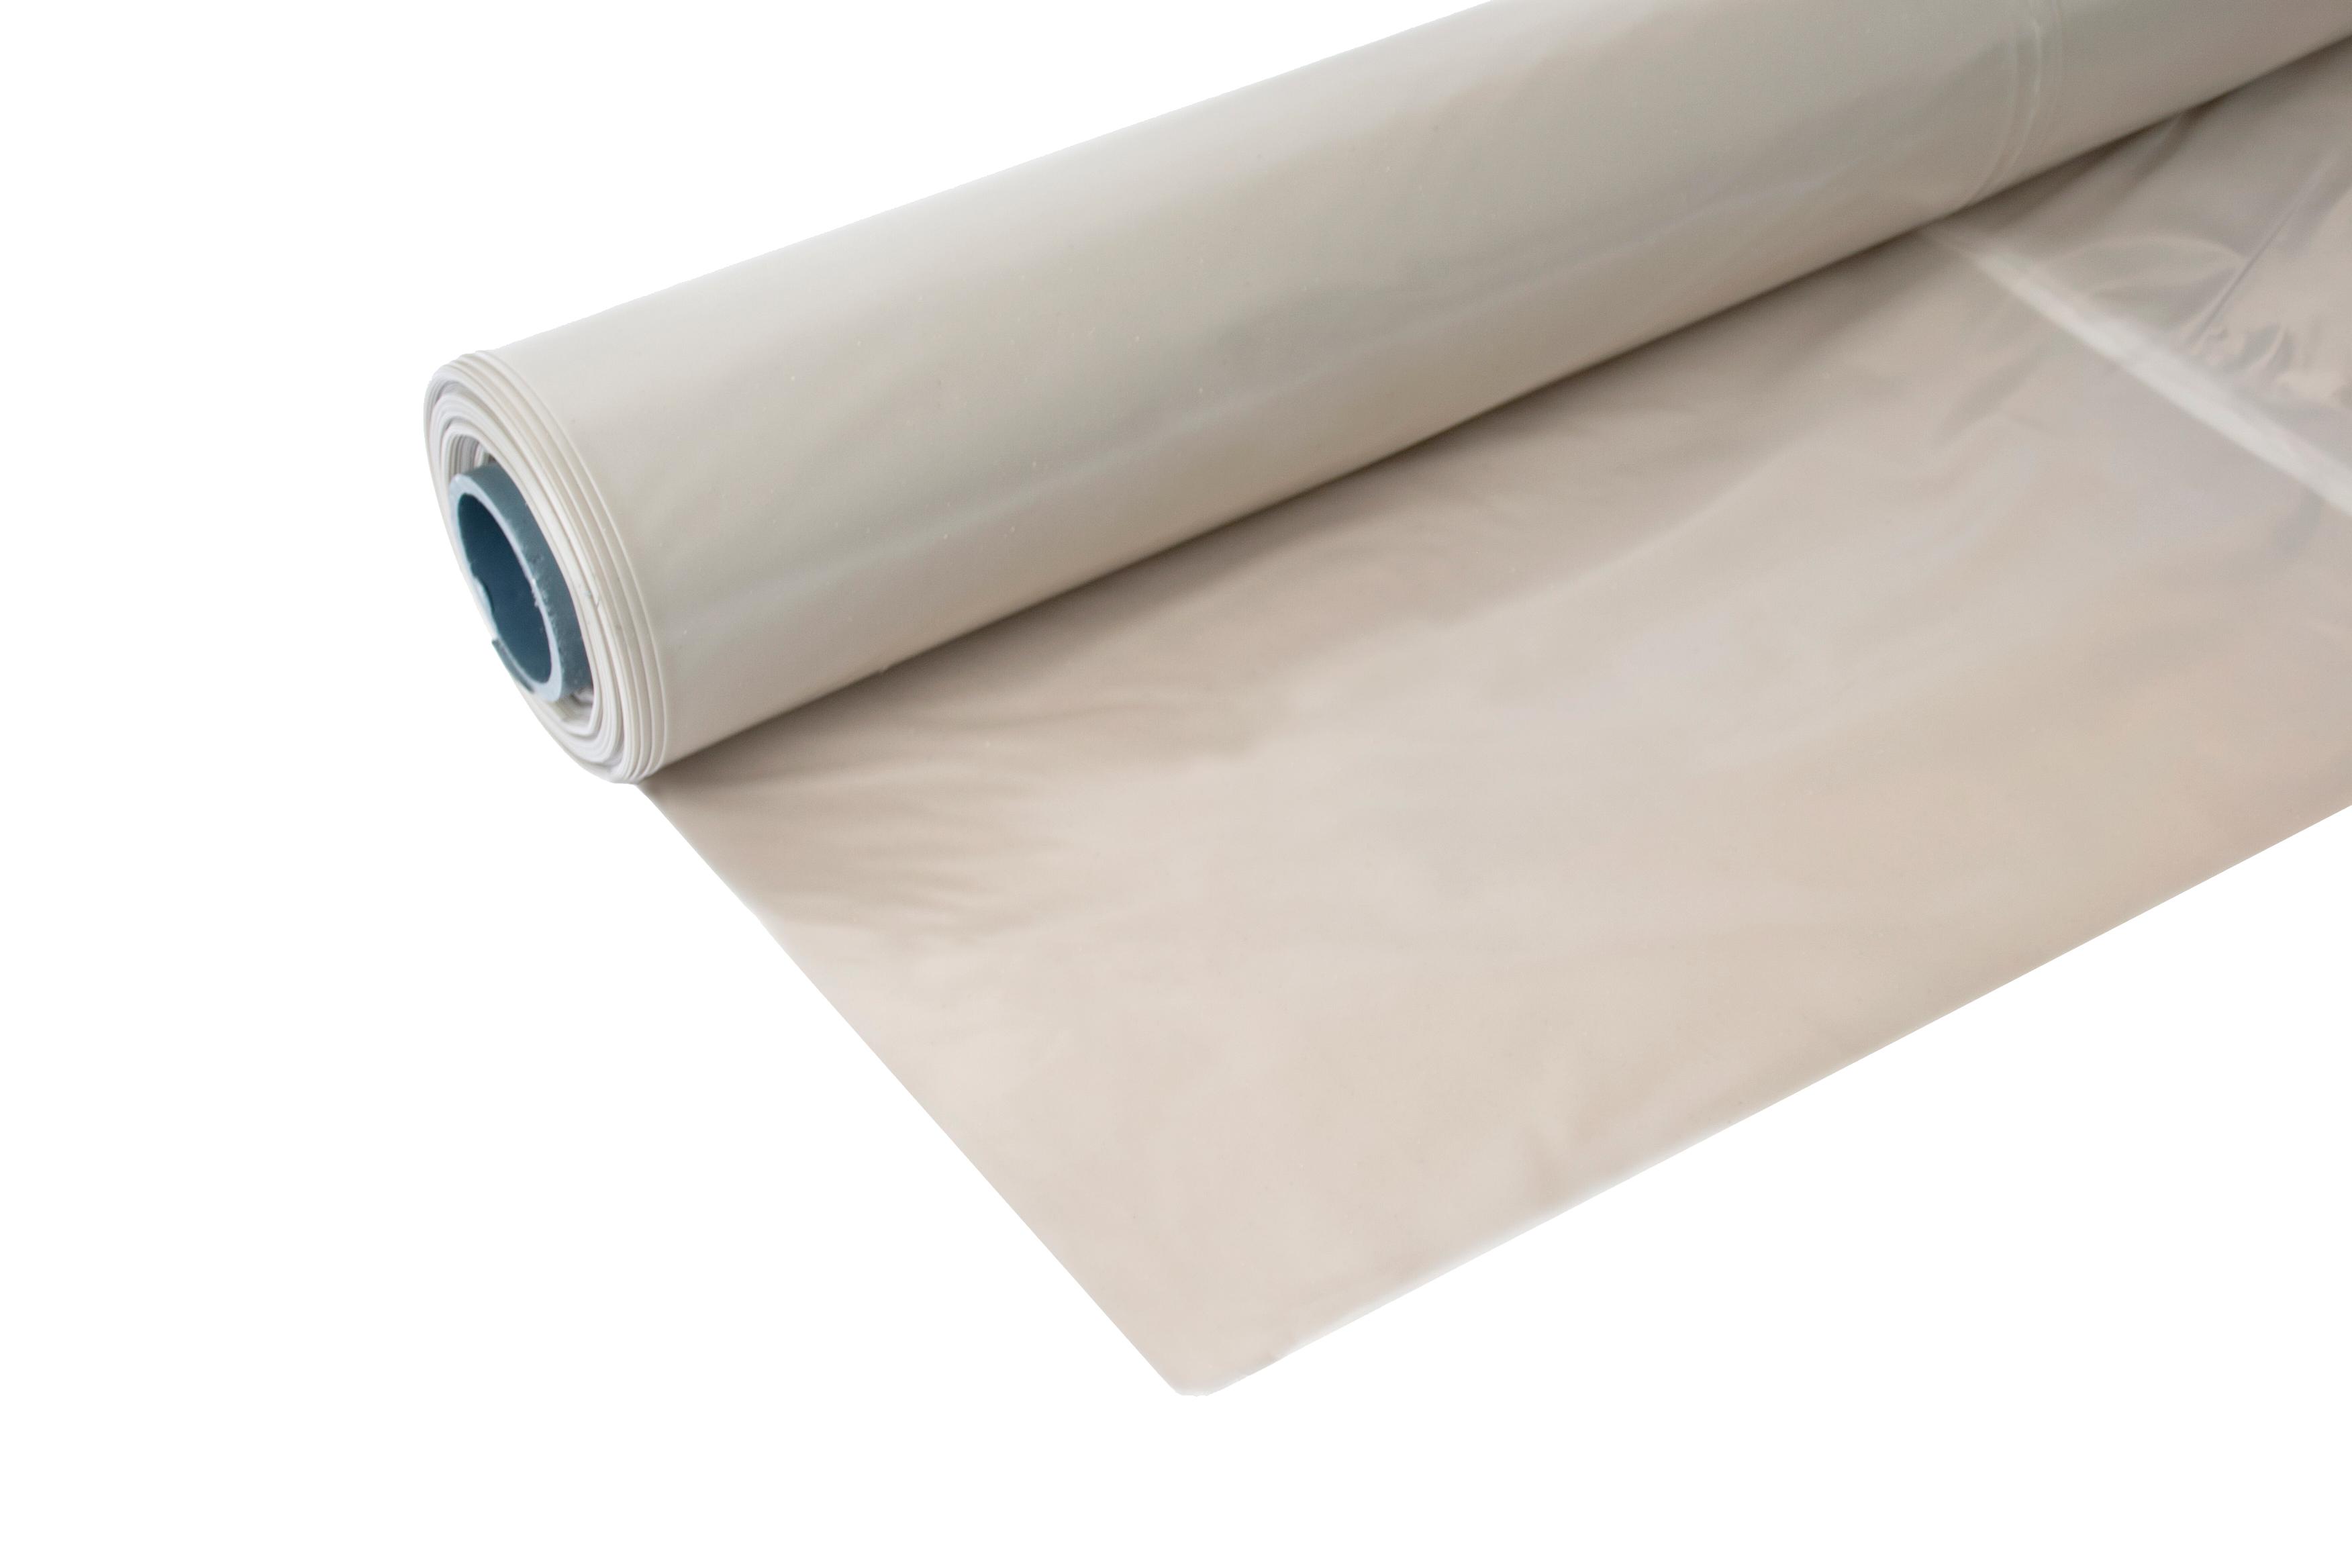 Dampremmende PE-folies van polyethyleen. Ook voor tijdelijke waterdichting! | Royal Roofing Materials